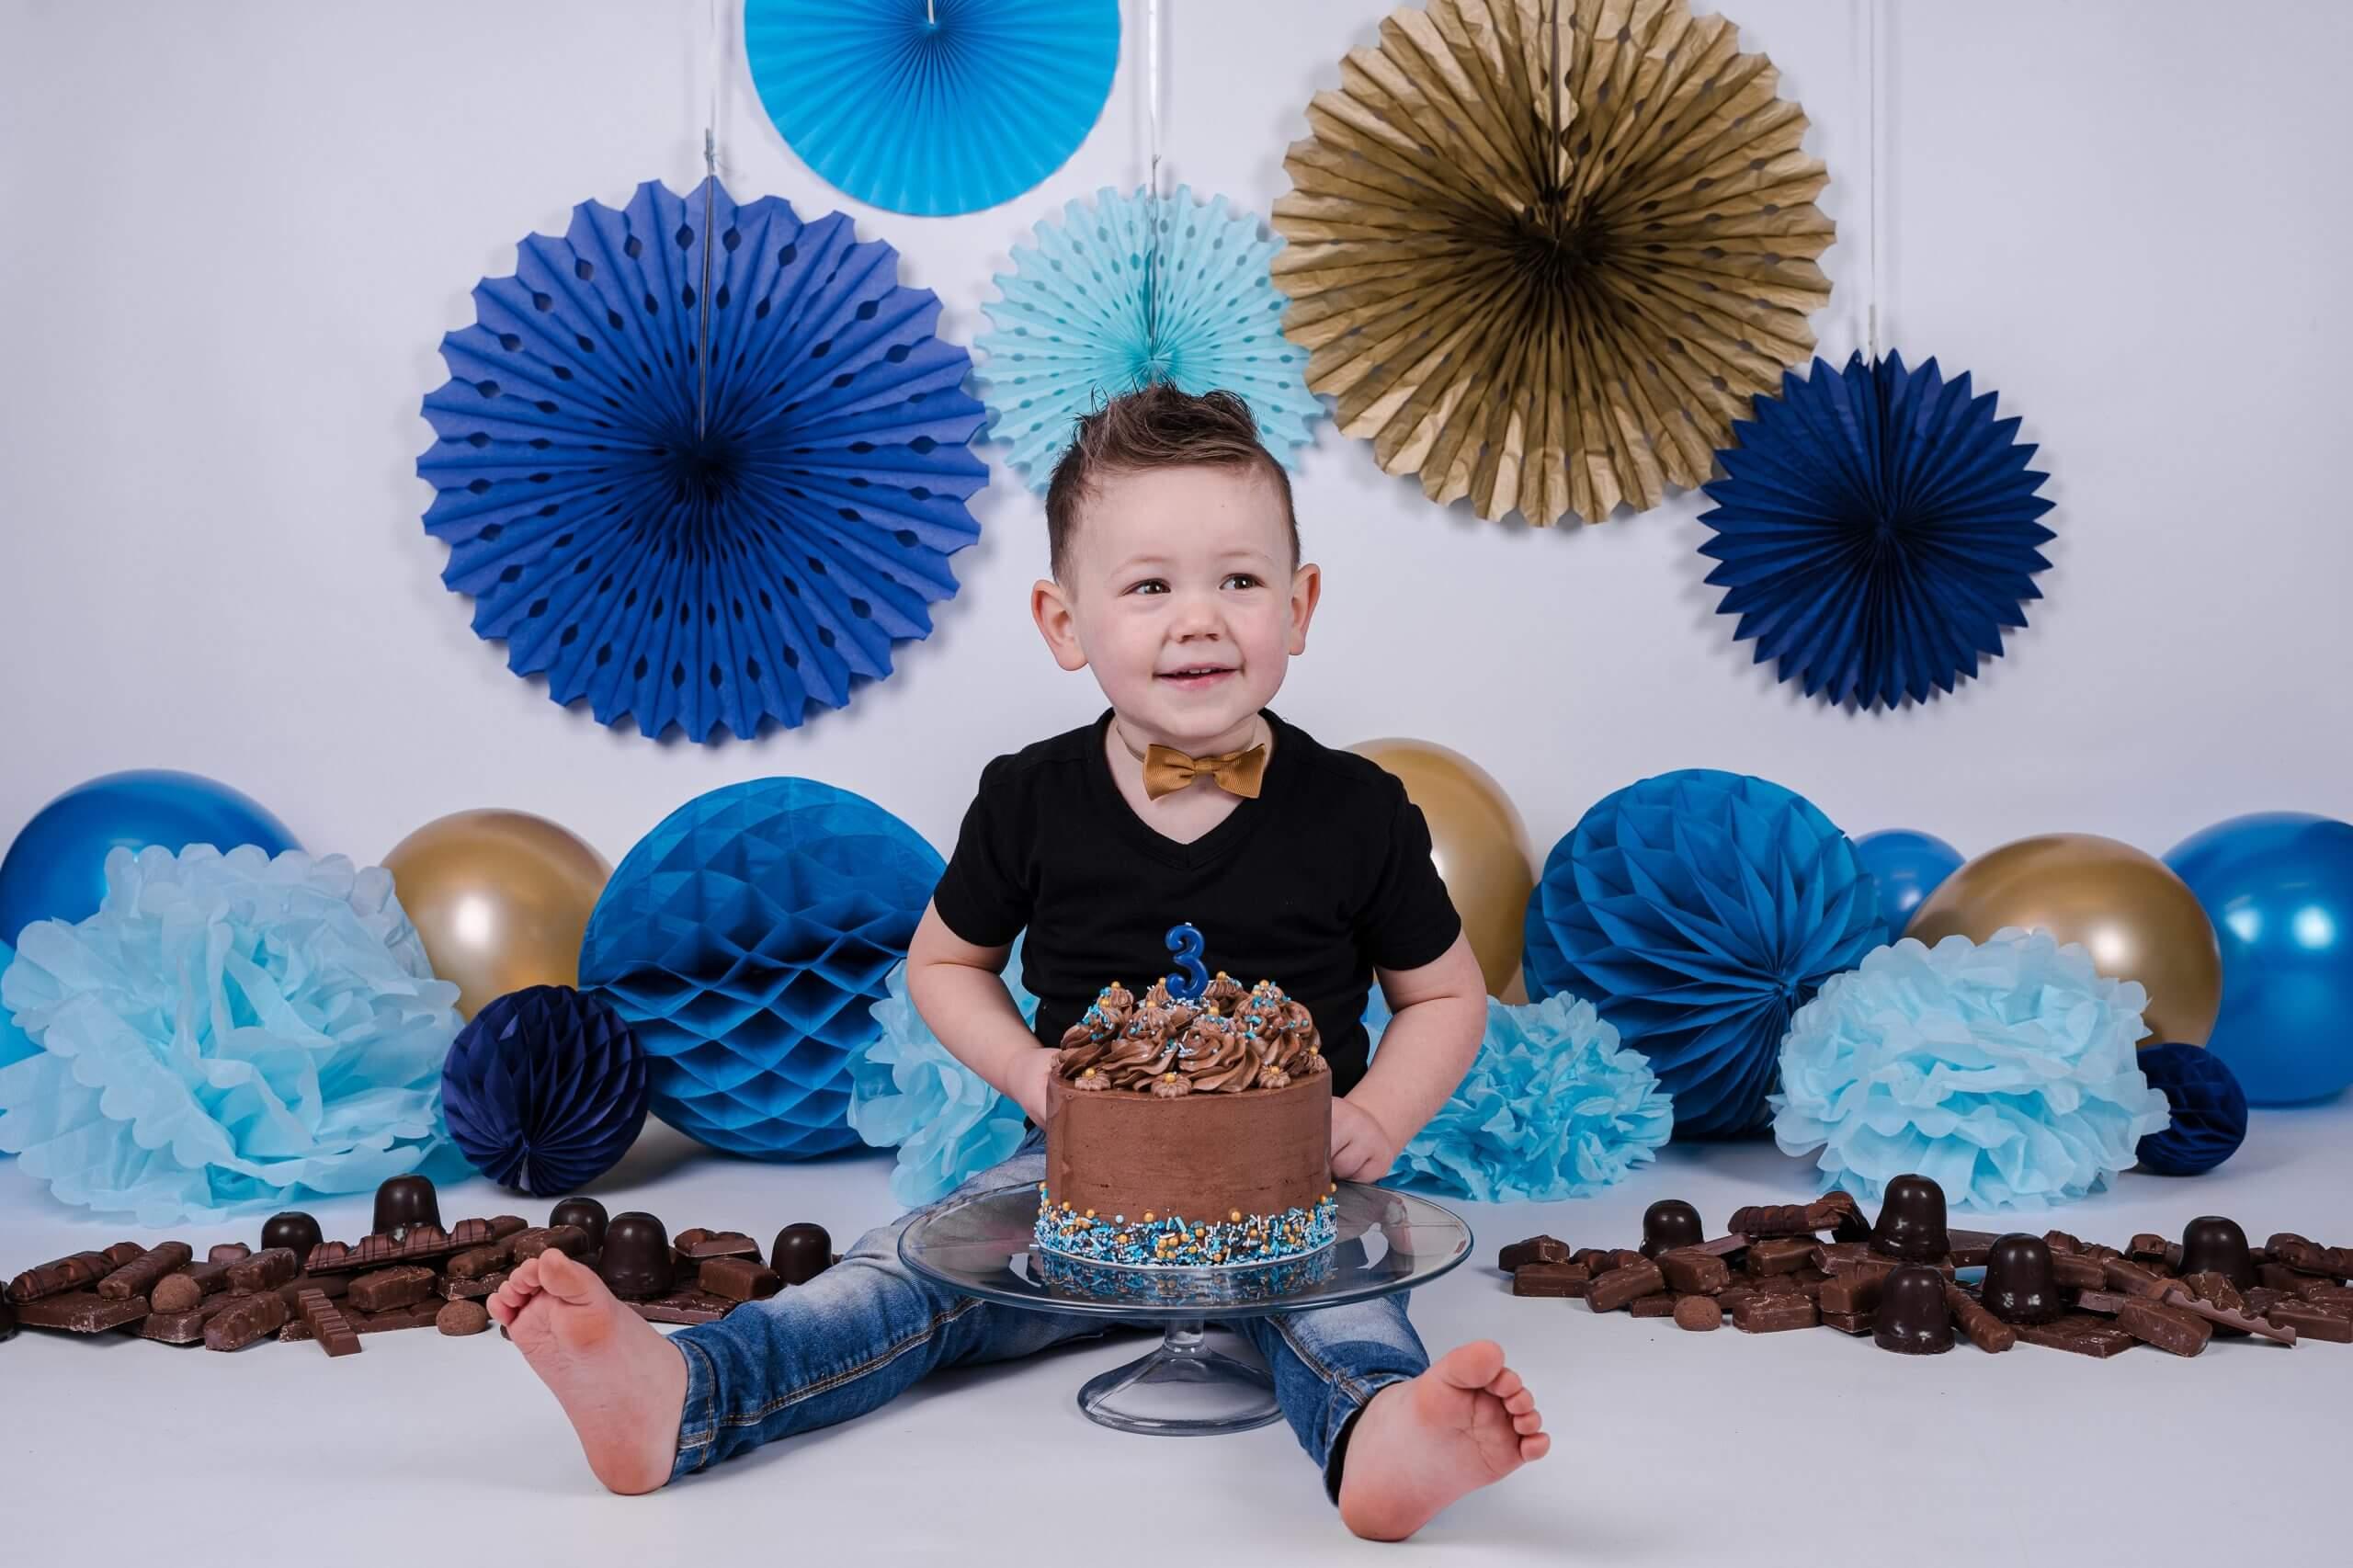 jongen cake smash 3 jaar wijk bij duurstede